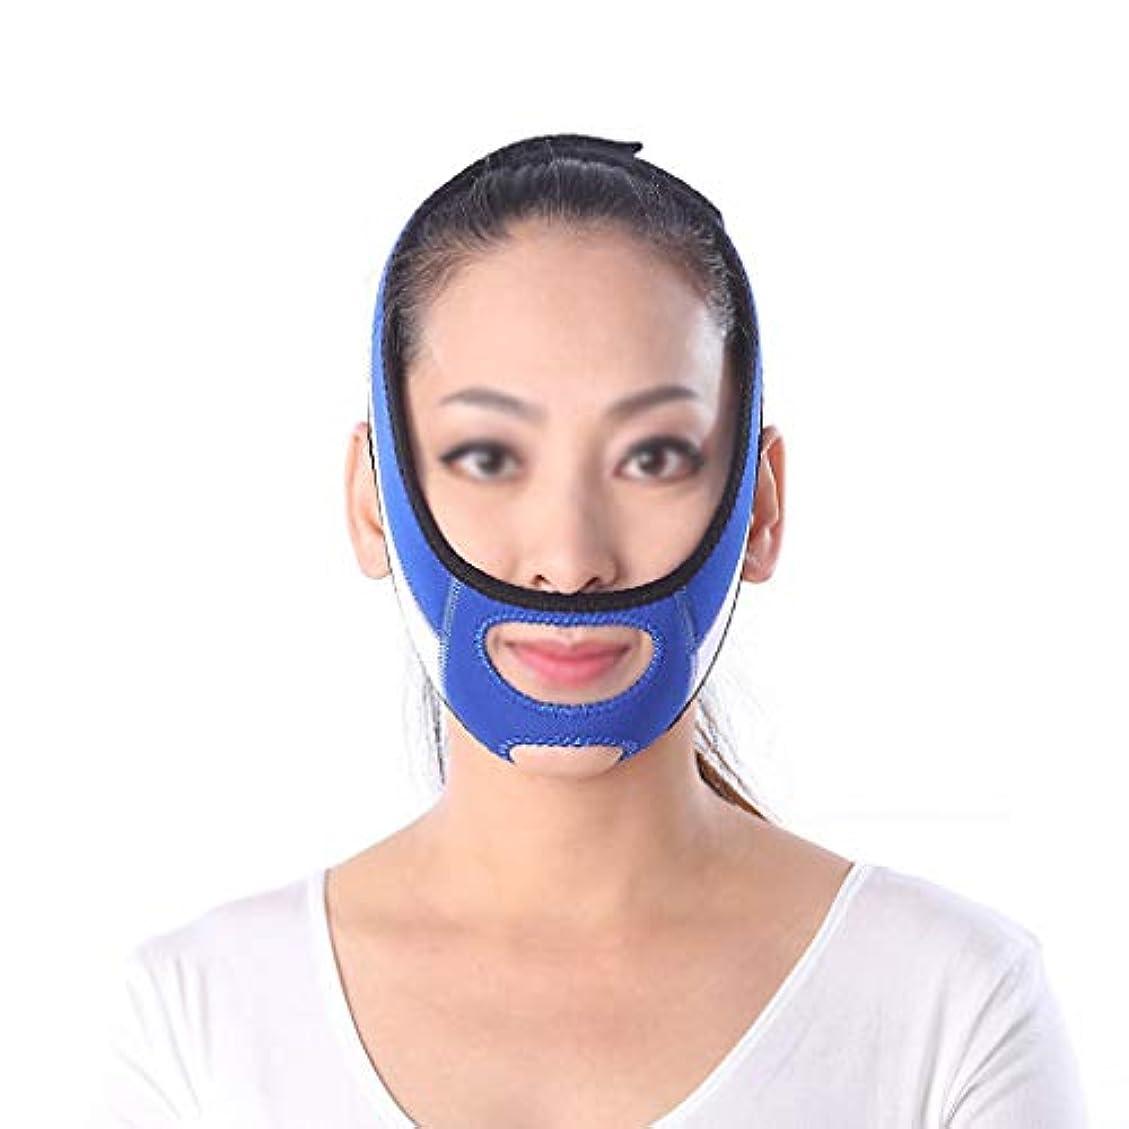 スツールソブリケット醜いフェイスリフティング包帯、フェイスリフティングマスク、フェイスリフティング器具、二重あごケア減量、フェイシャルリフティングストラップ(フリーサイズ、ブルー)